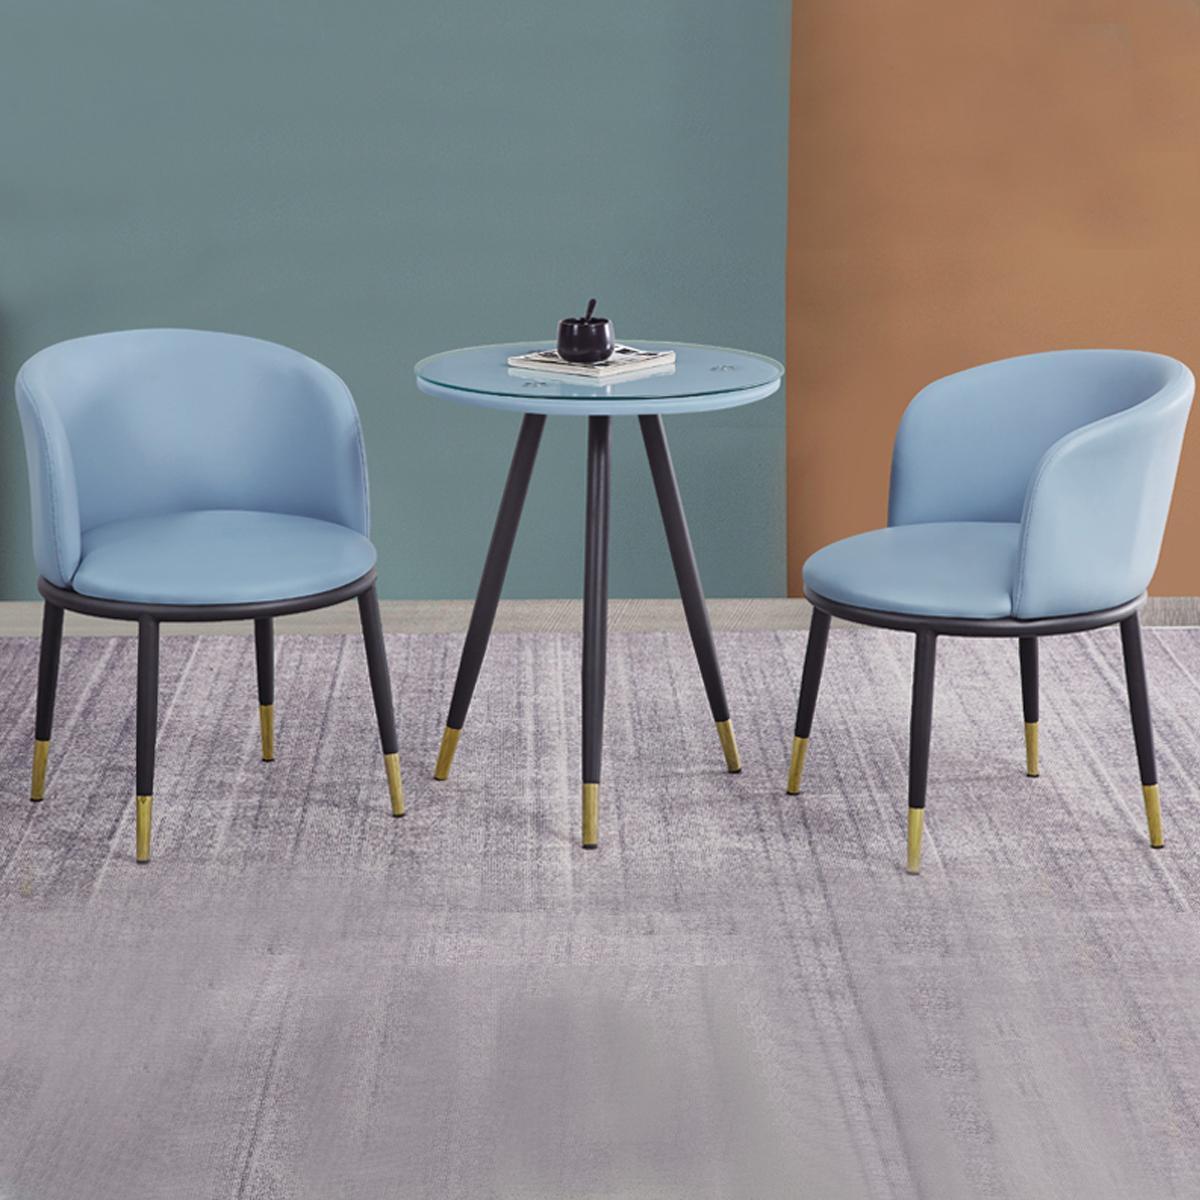 单人沙发阳台小桌椅懒人北欧卧室小户型简约现代轻奢布艺休闲椅子